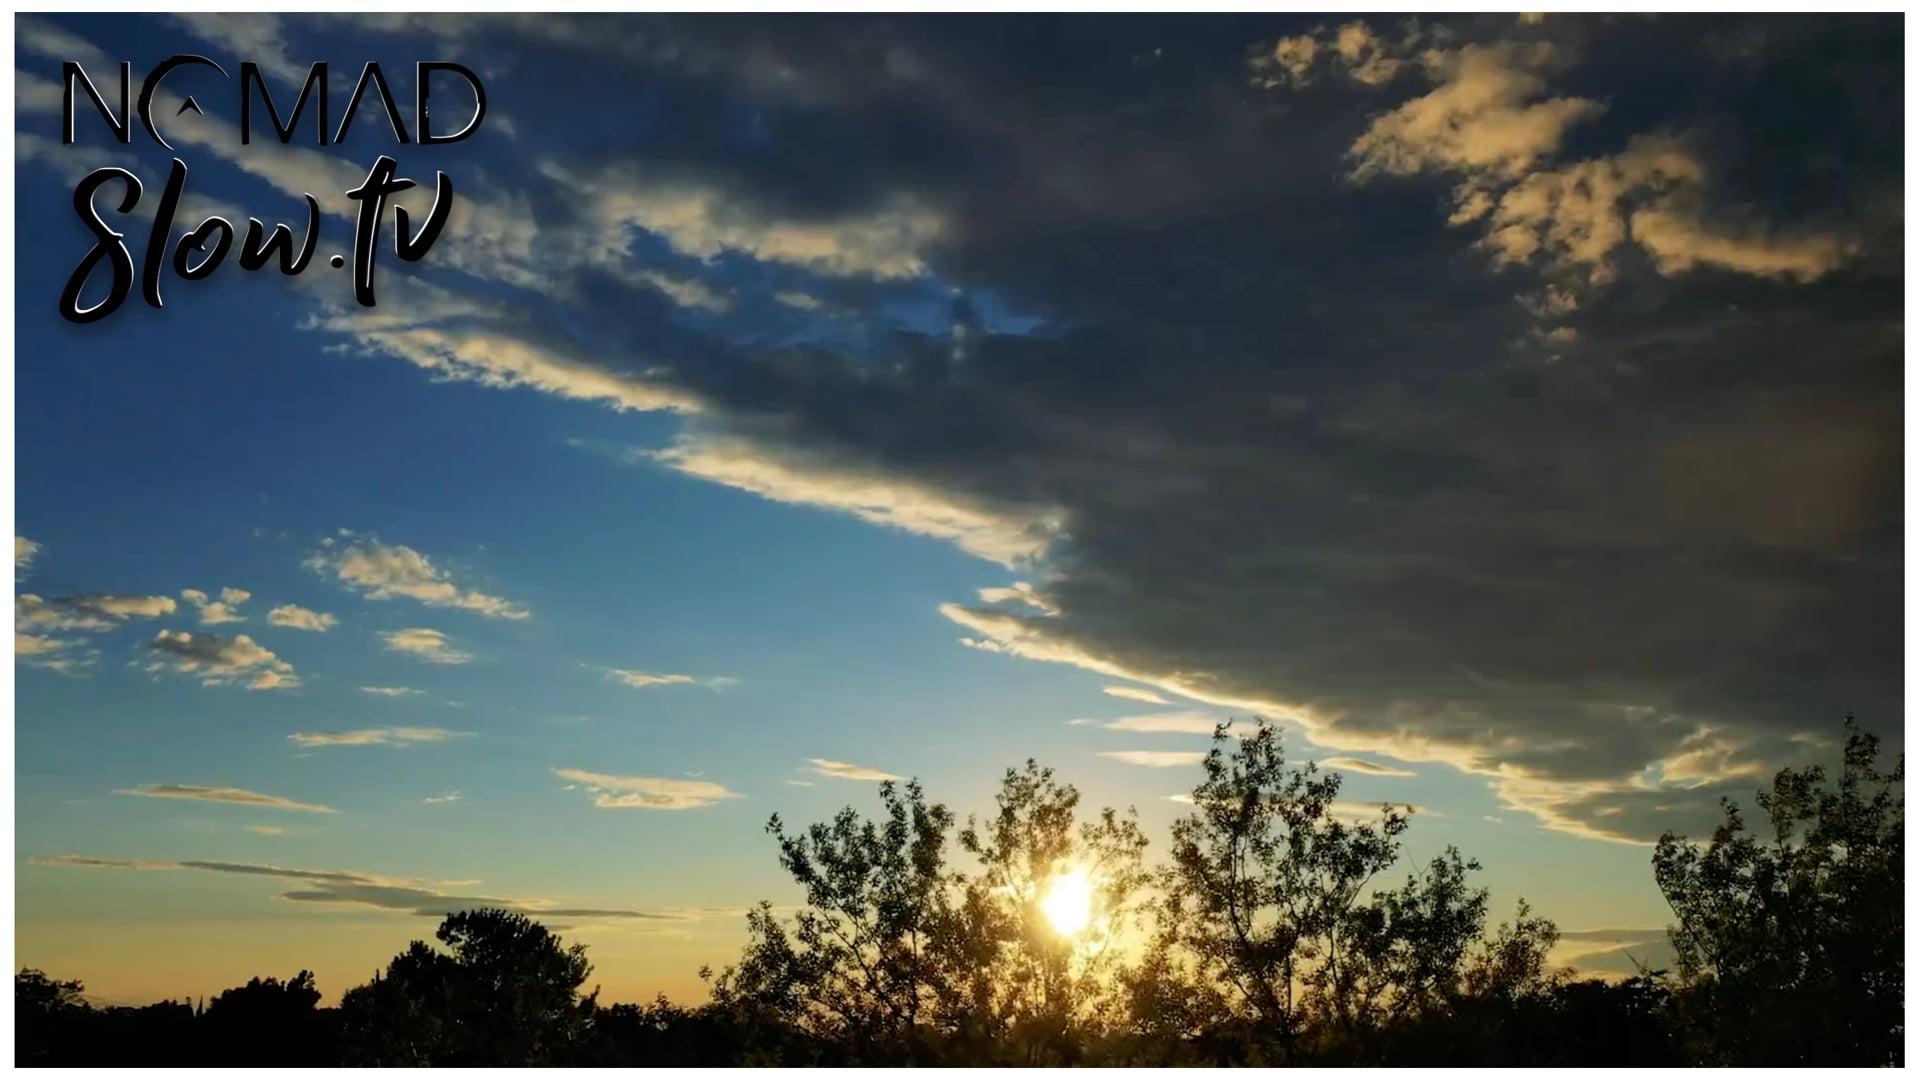 Home Sunset  Jason Rodi - Jesse Gallagher  Mer-Ka-Ba